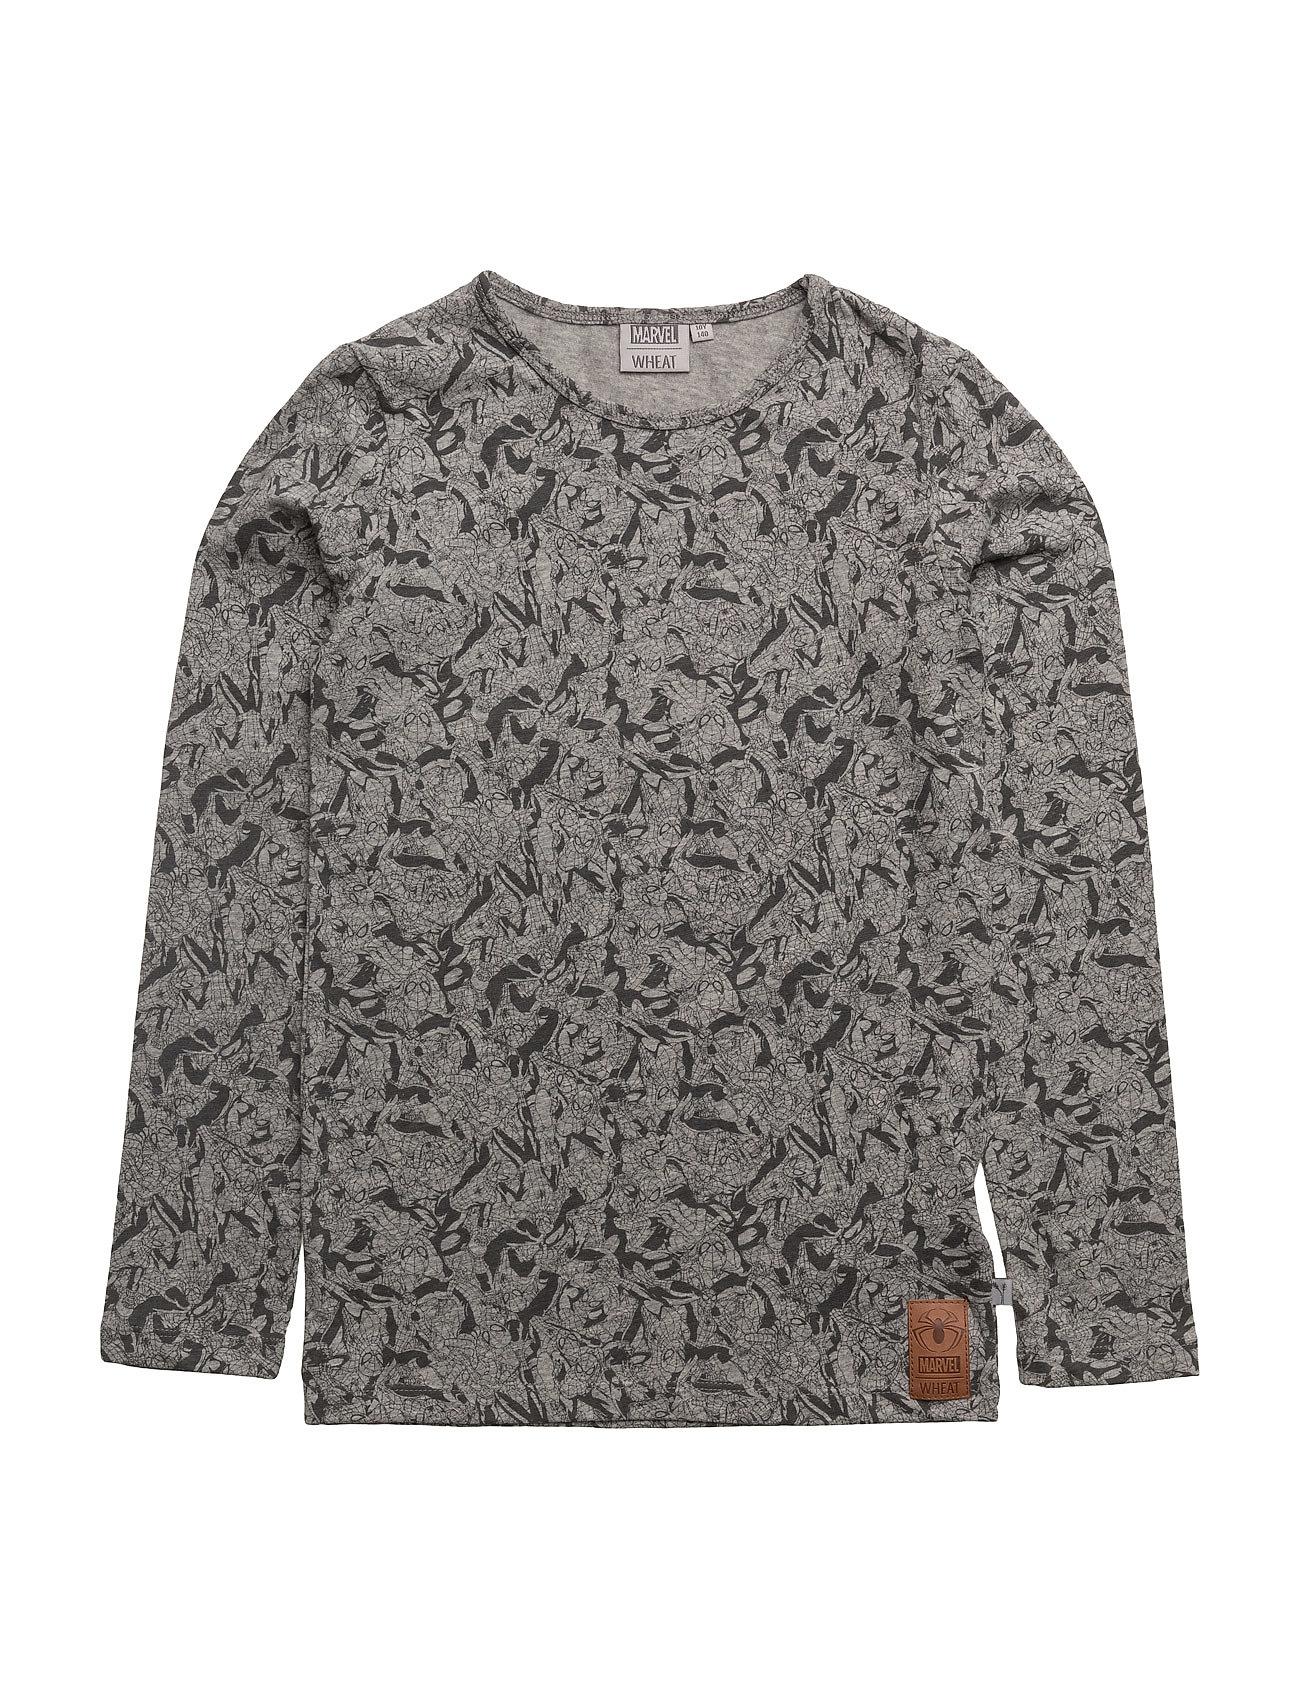 T-Shirt Spiderman Aop Disney by Wheat  til Børn i Melange Grey